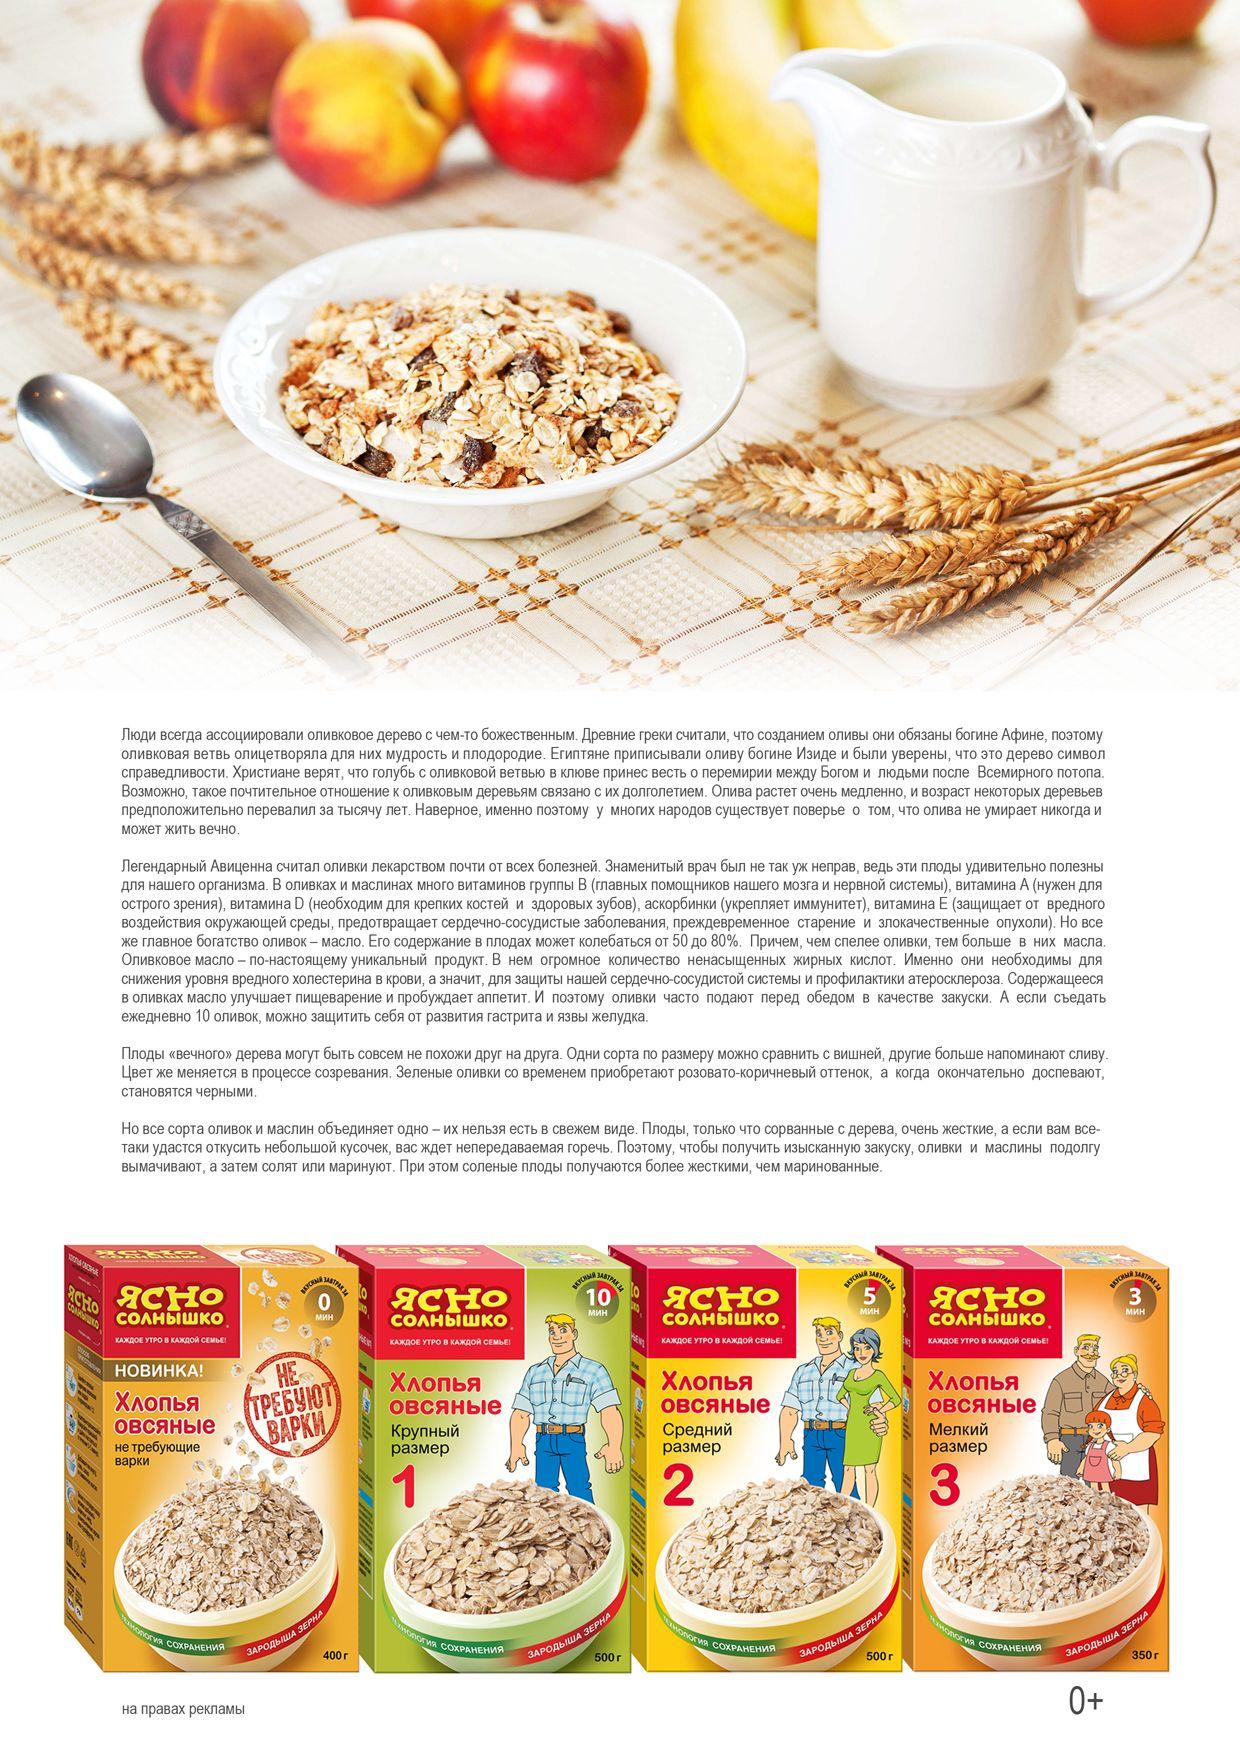 Как рекламировать продукты питания ult заказать рекламу